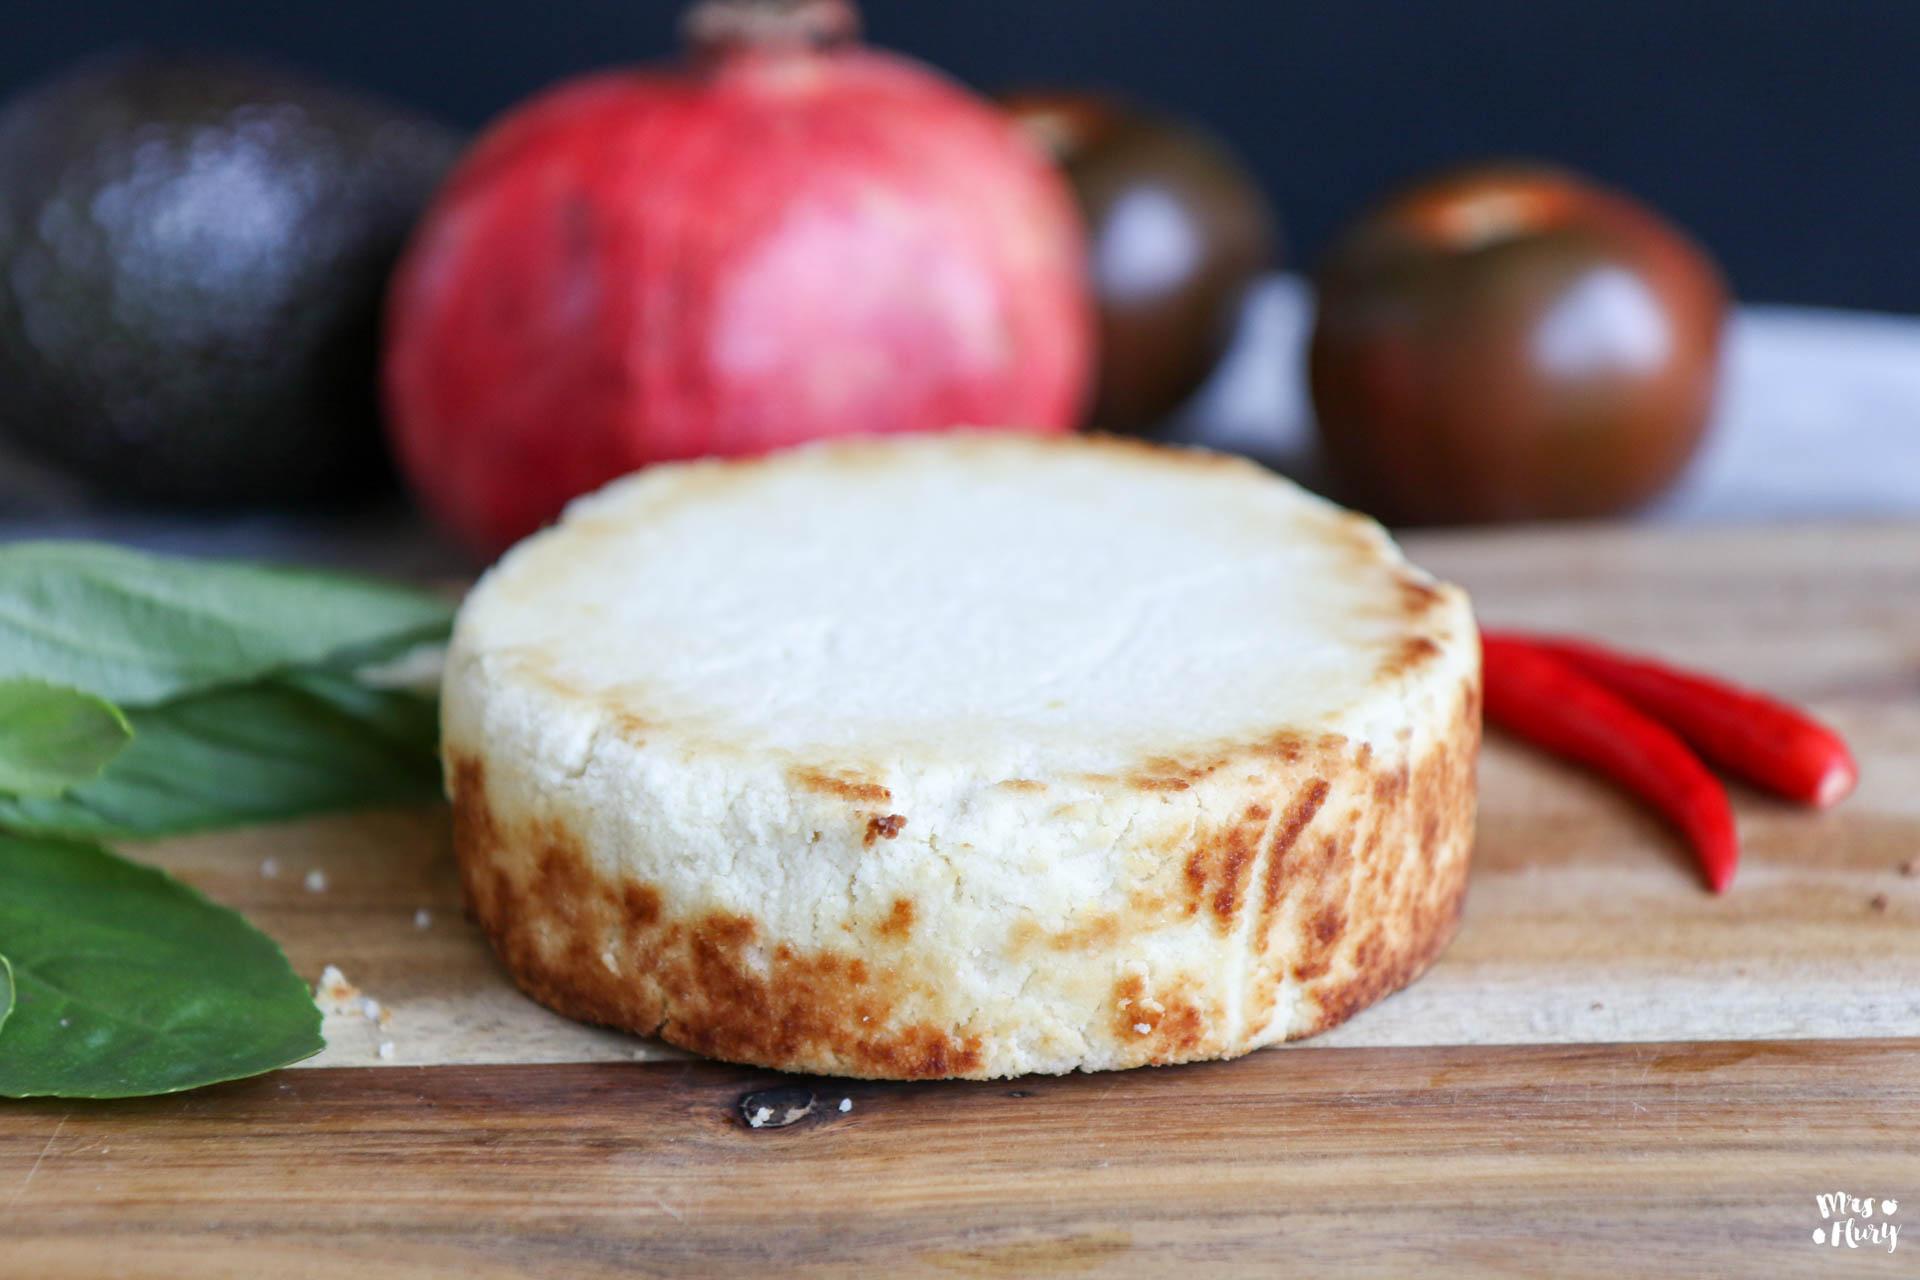 veganer Käse vegan cheese